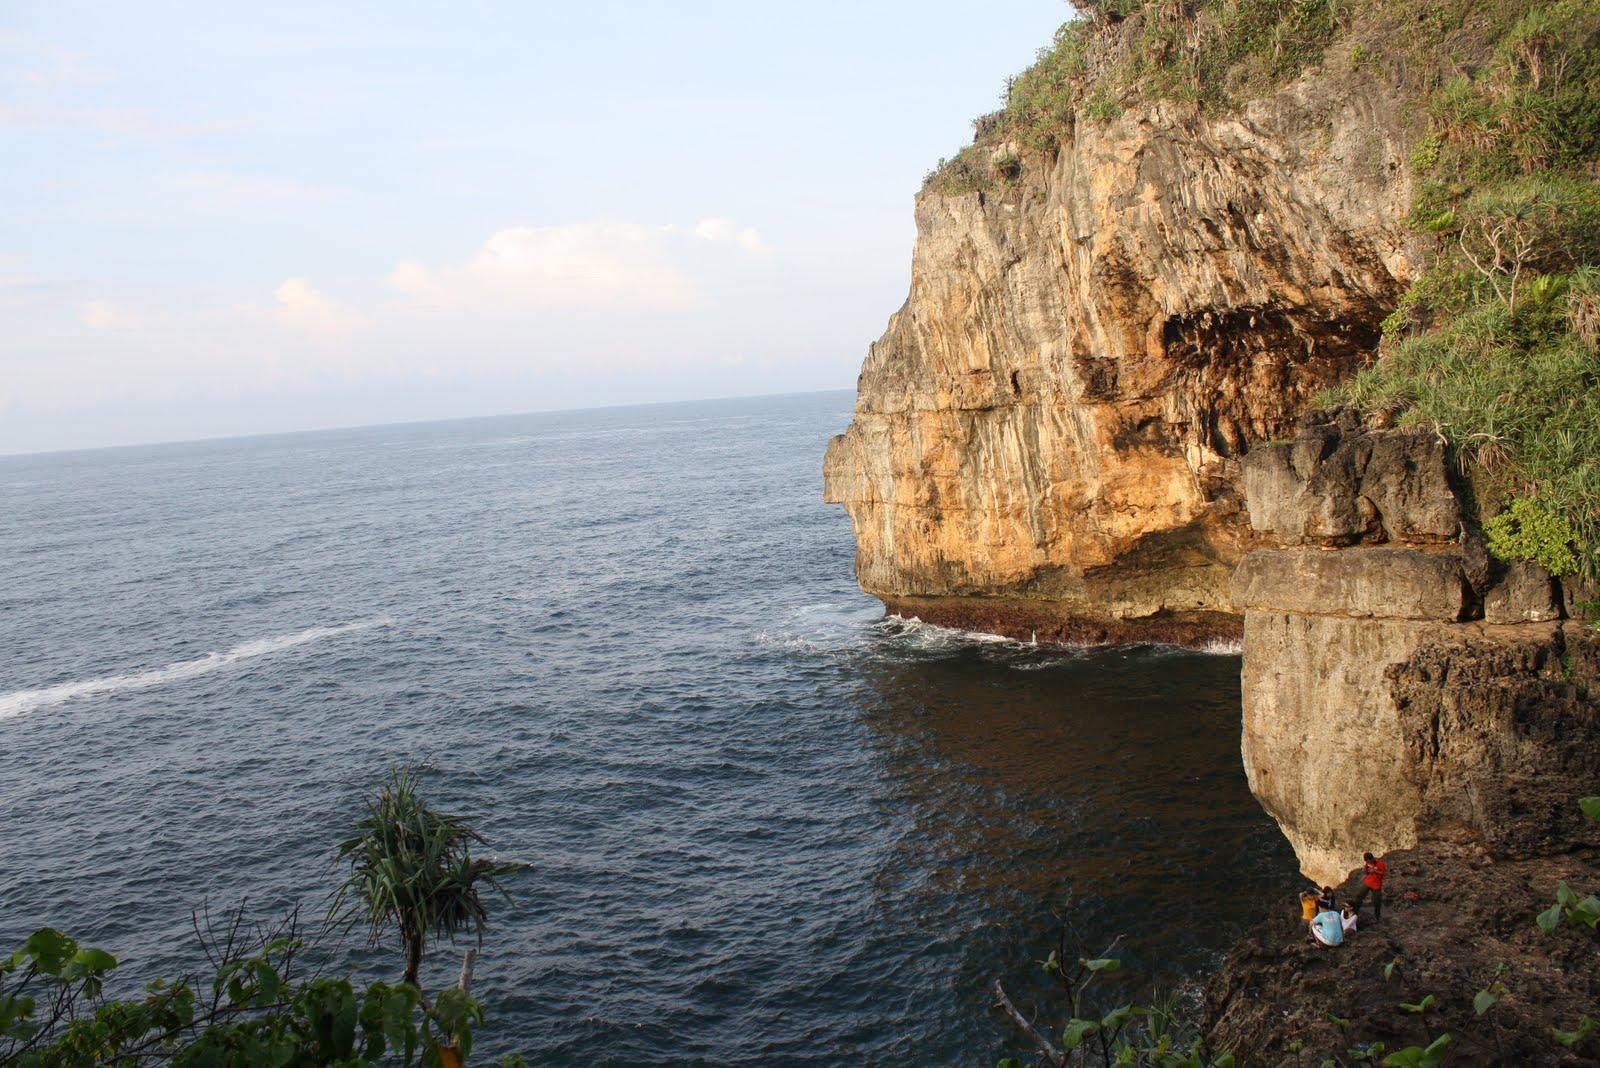 Lokasi Lain Bisa Dikunjungi Pantai Panjang Danau Lele 3 Sepanjang